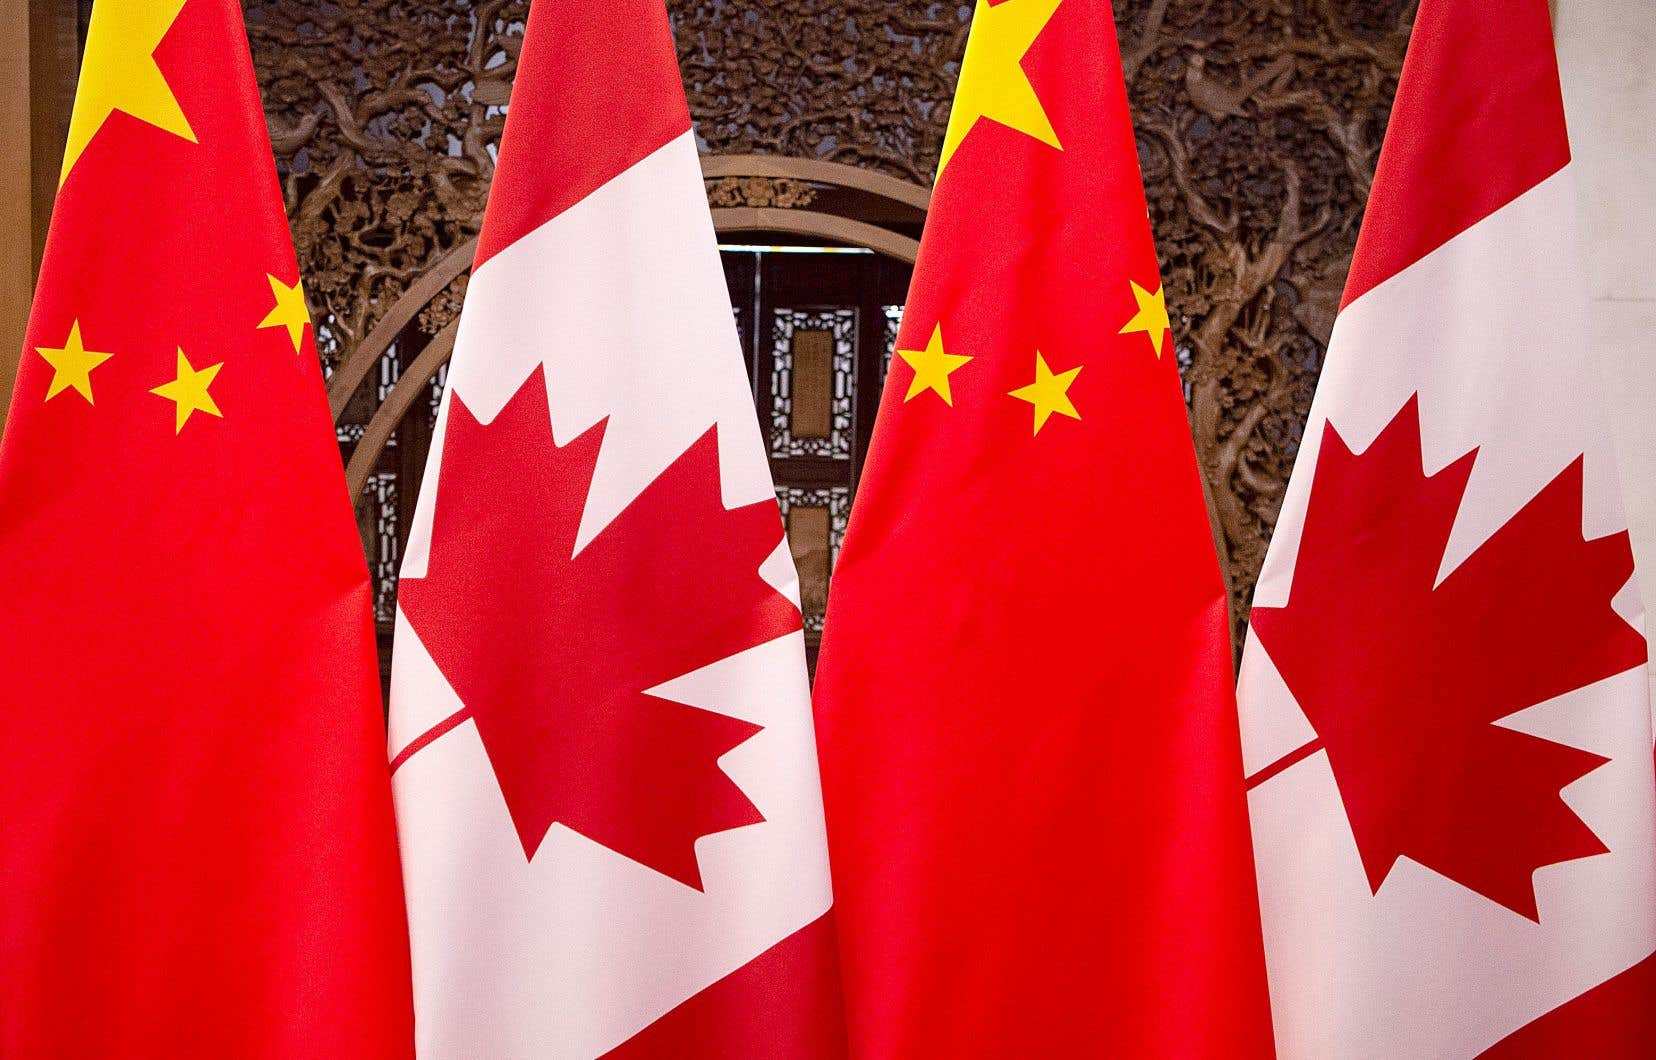 La déclaration commune sur la Chine, lue par le Canada devant le Conseil des droits de l'homme, au nom d'une quarantaine de pays, était attendue depuis quelques jours par de nombreux diplomates et ONG à Genève, laissant le temps à Pékin de préparer sa défense.